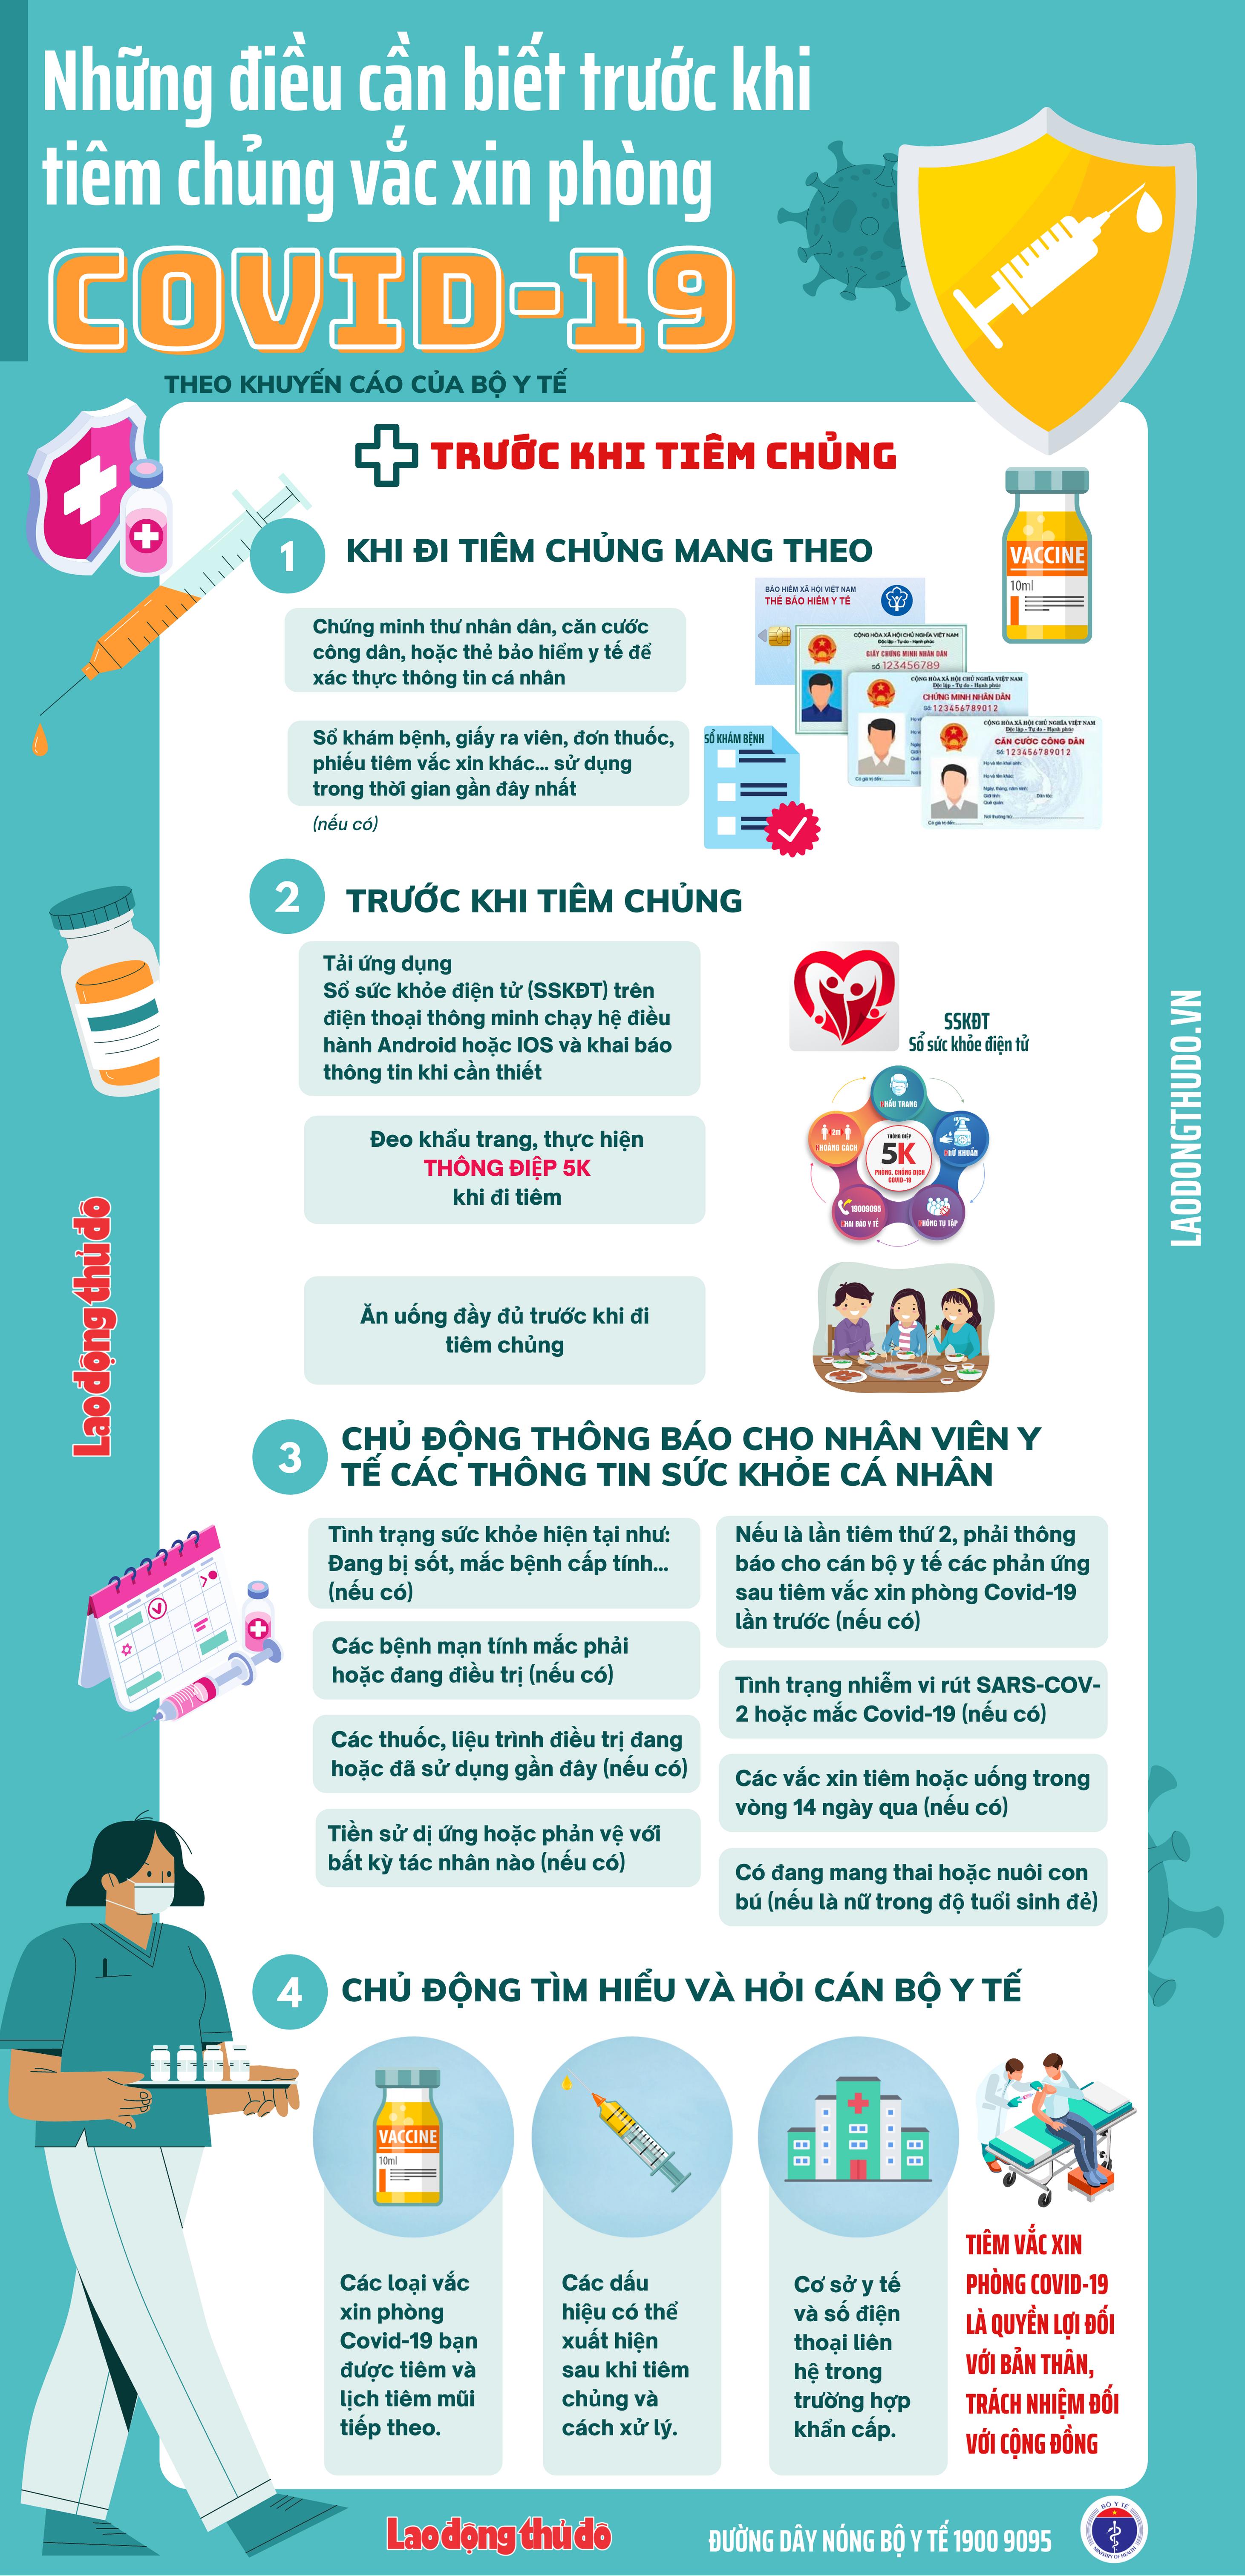 [Infographic] Những điều cần biết khi tiêm chủng vắc xin phòng Covid-19